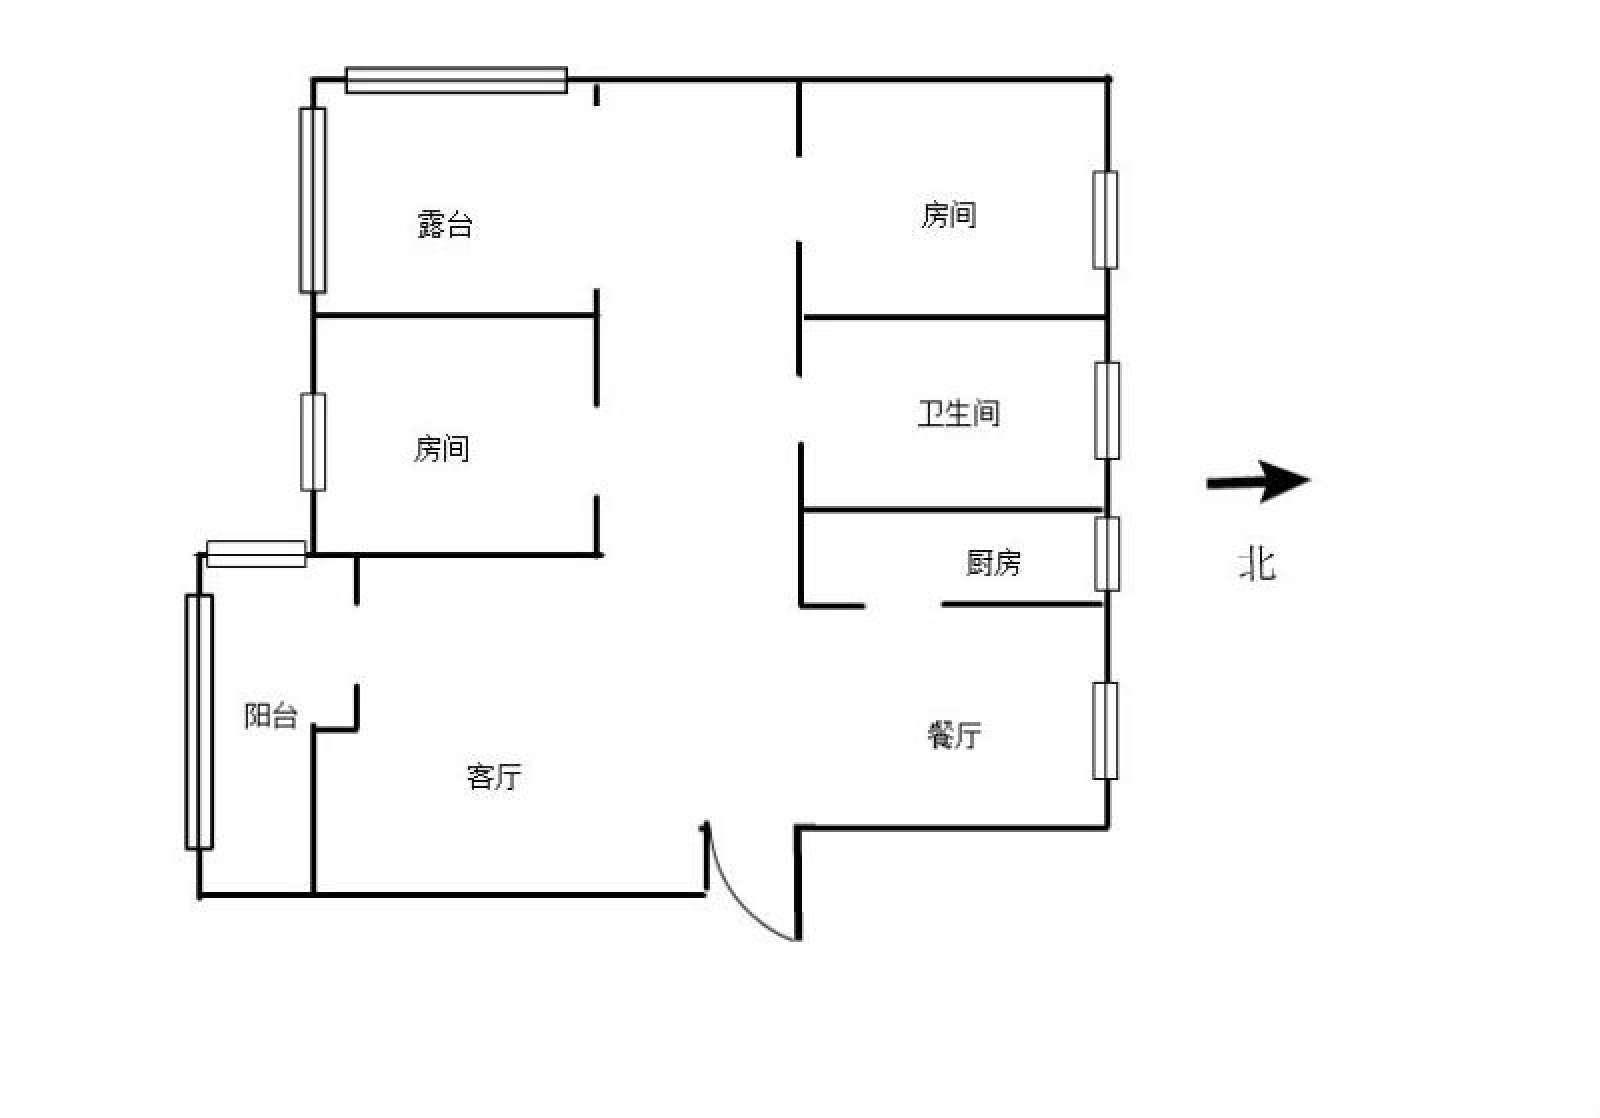 瑞景新城 3室2厅140㎡